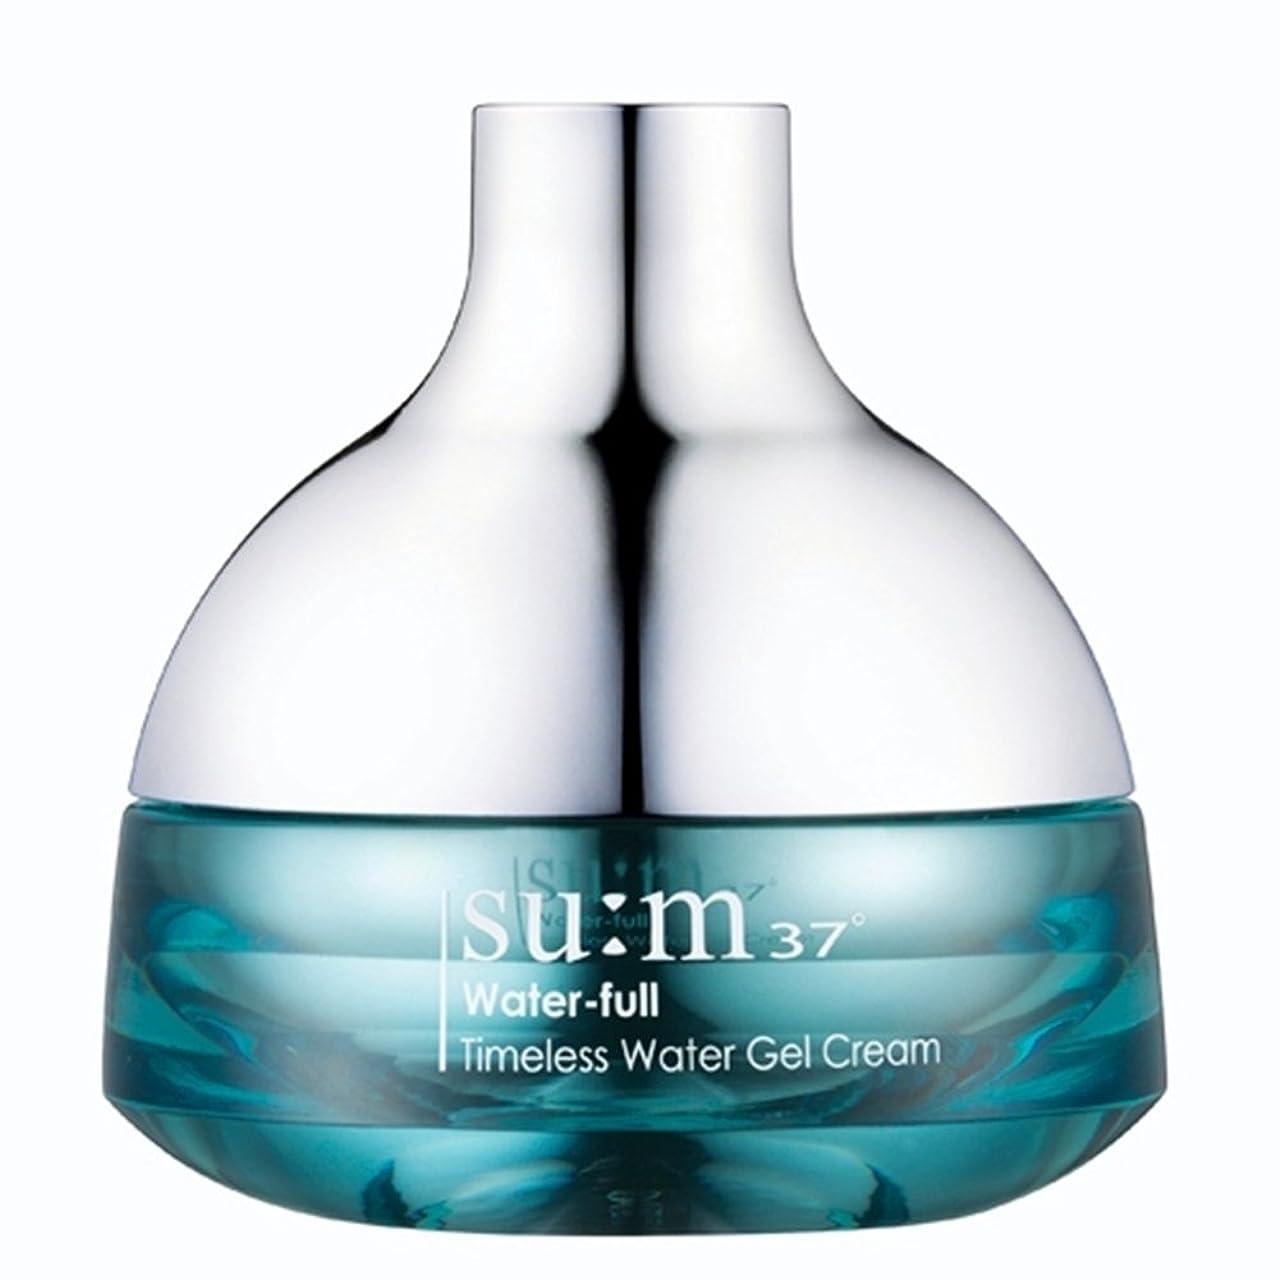 路面電車慣性従うsu:m37/スム37° スム37 ウォーターフルタイムレスウォータージェルクリーム50ml (sum 37oWater-full Timeless Water Gel Cream 50ml + Special Gift) スポット [海外直送品]